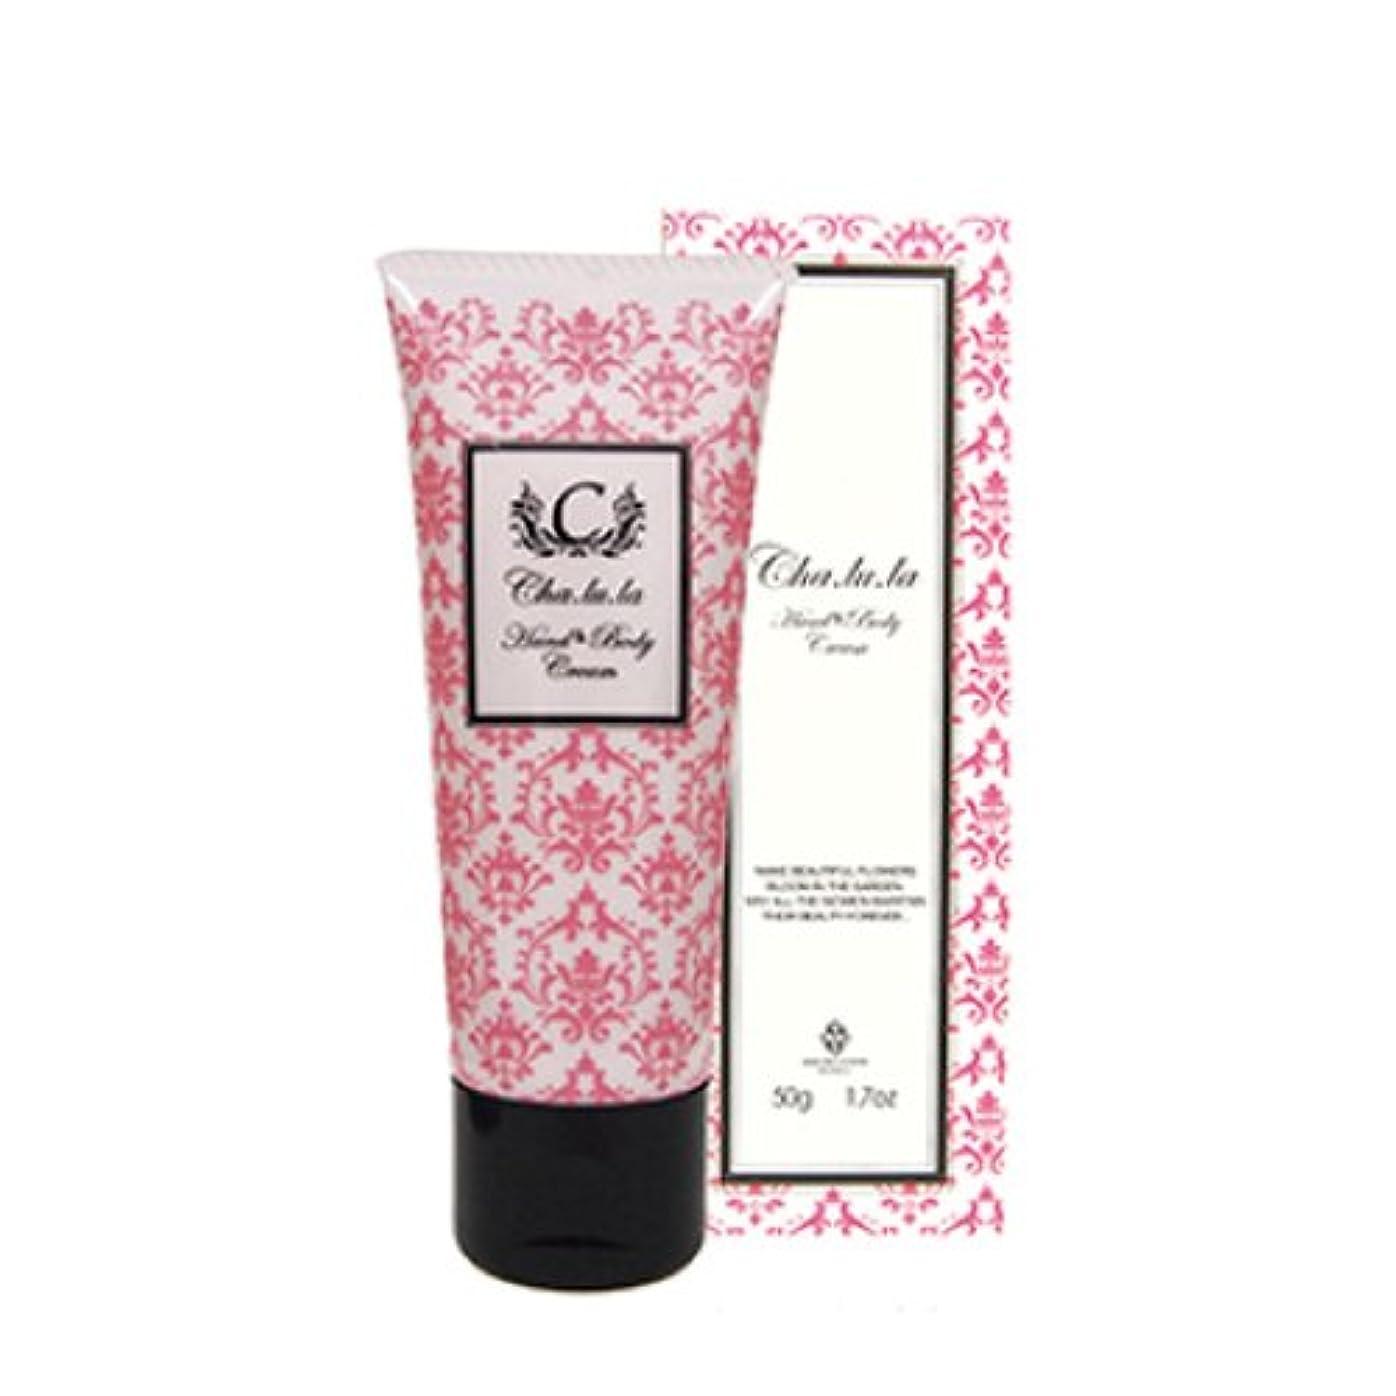 事実上バナー地下シャルラ H&Bクリーム チャームフレグランスの香り <ハンド&ボディークリーム> 50g